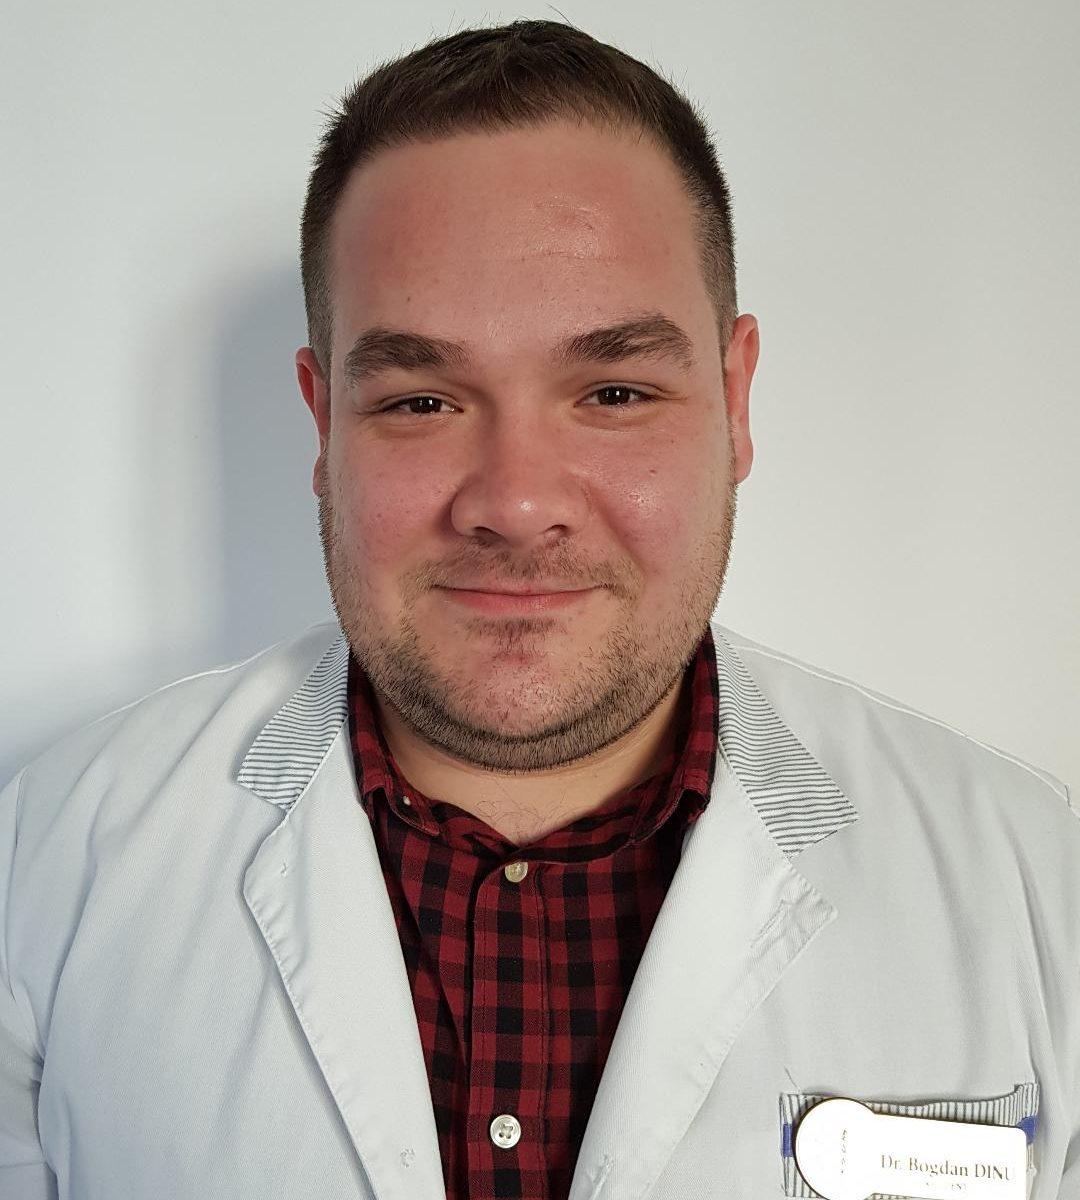 Dr Bogdan Dinu